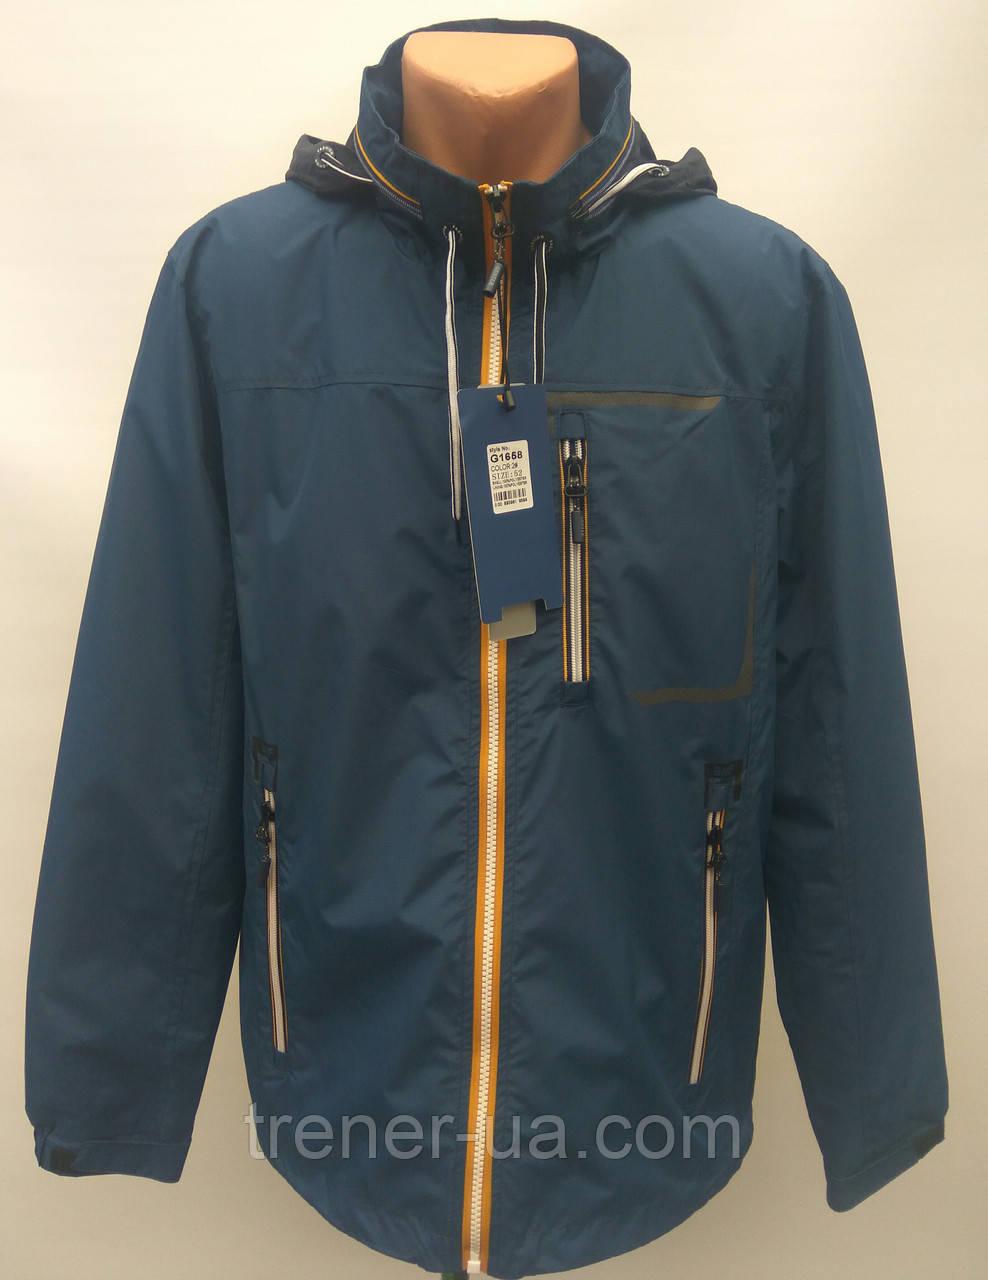 Вітровка сітка чоловіча в стилі Gentleman Forest GMF синя